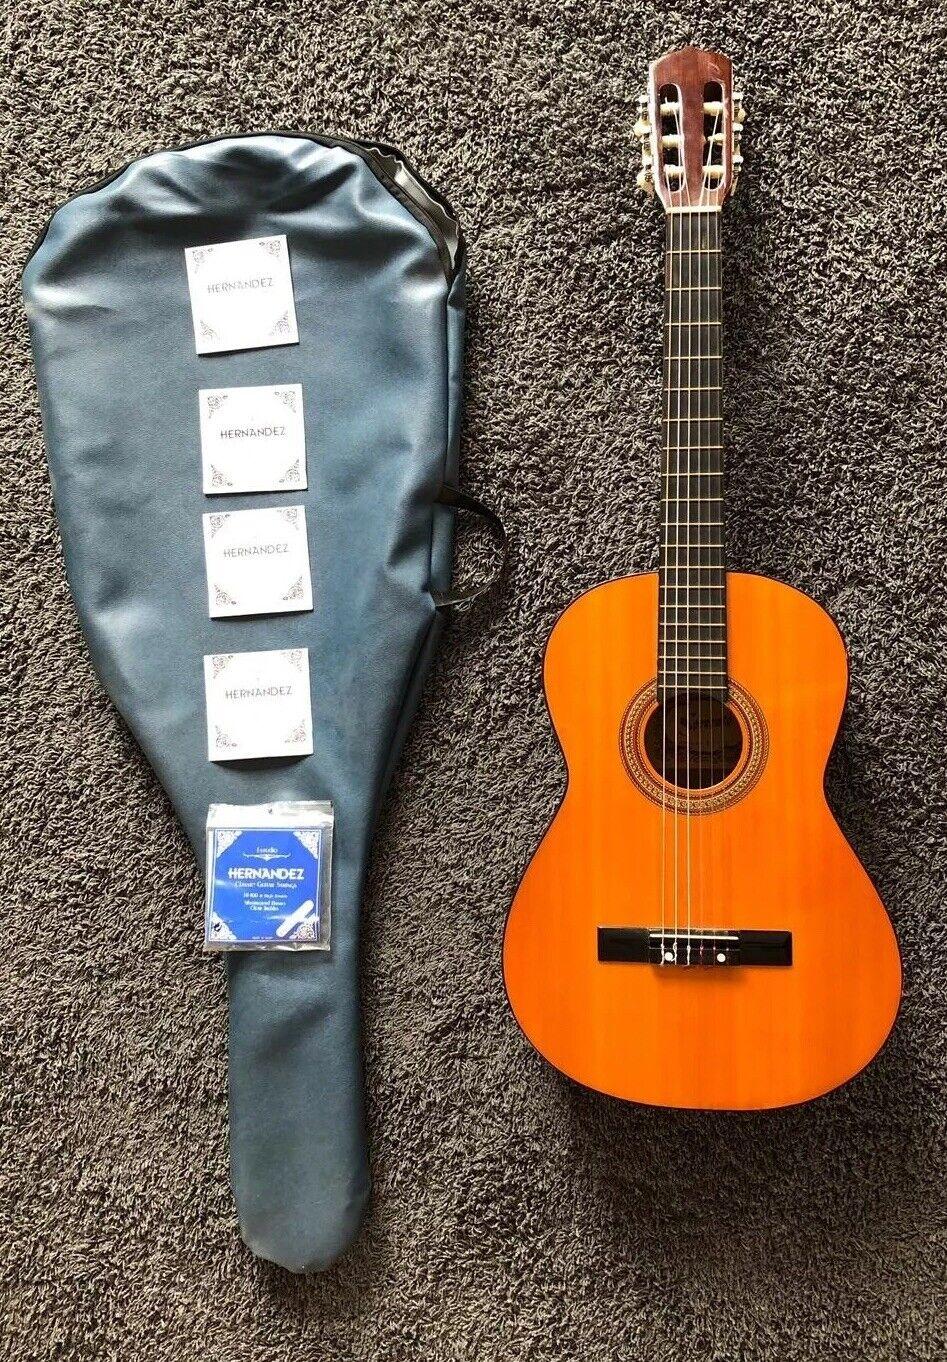 Alte Konzertgitarre Gitarre by Sorrento Model VC 10 aus Korea